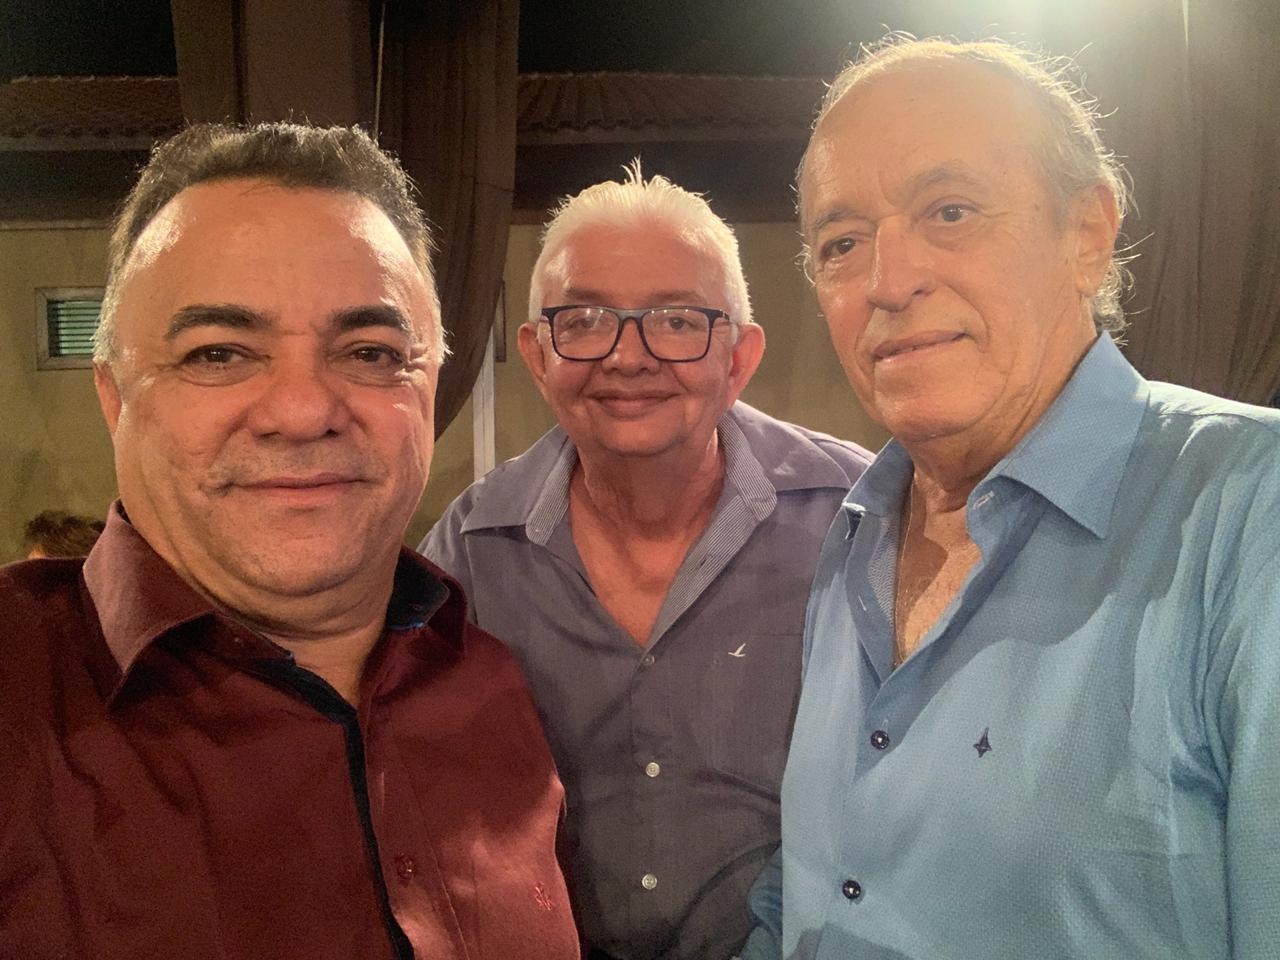 WhatsApp Image 2019 09 22 at 10.04.40 3 - Políticos e empresários comemoram os 90 anos de Zé Cavalcanti, em Cajazeiras - VEJA FOTOS E VÍDEOS